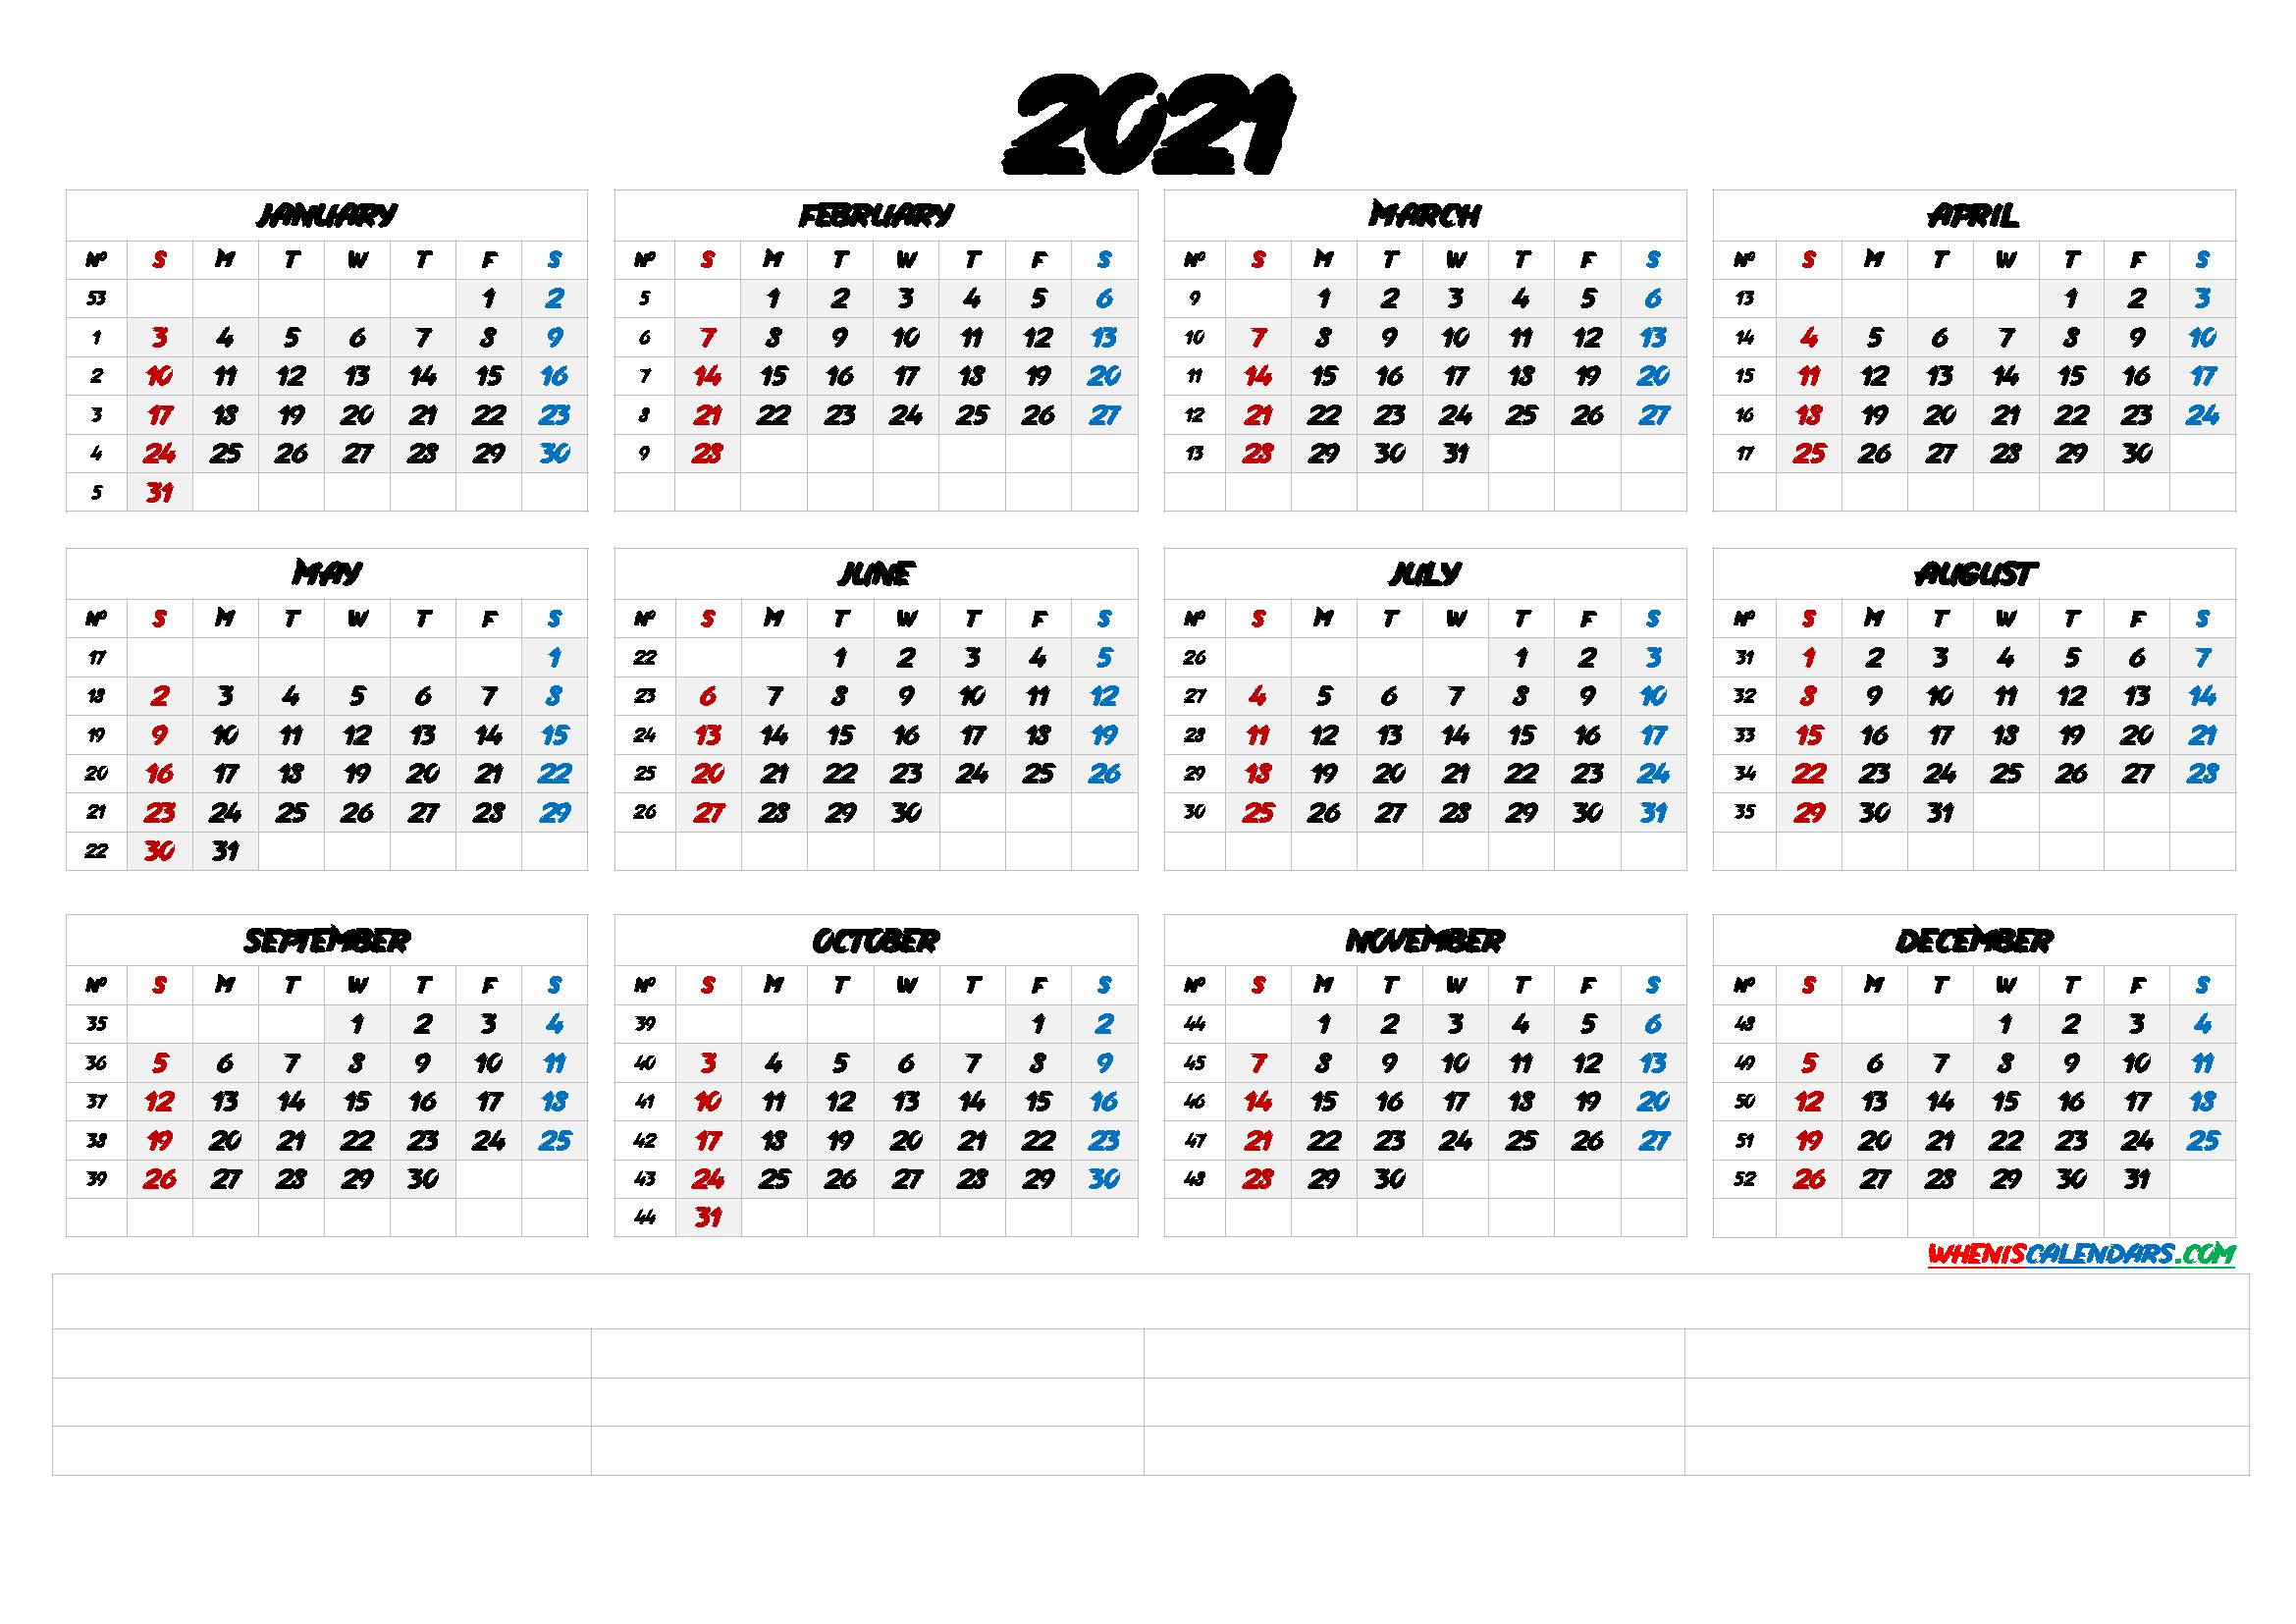 20+ Calendar 2021 By Week Number - Free Download Printable